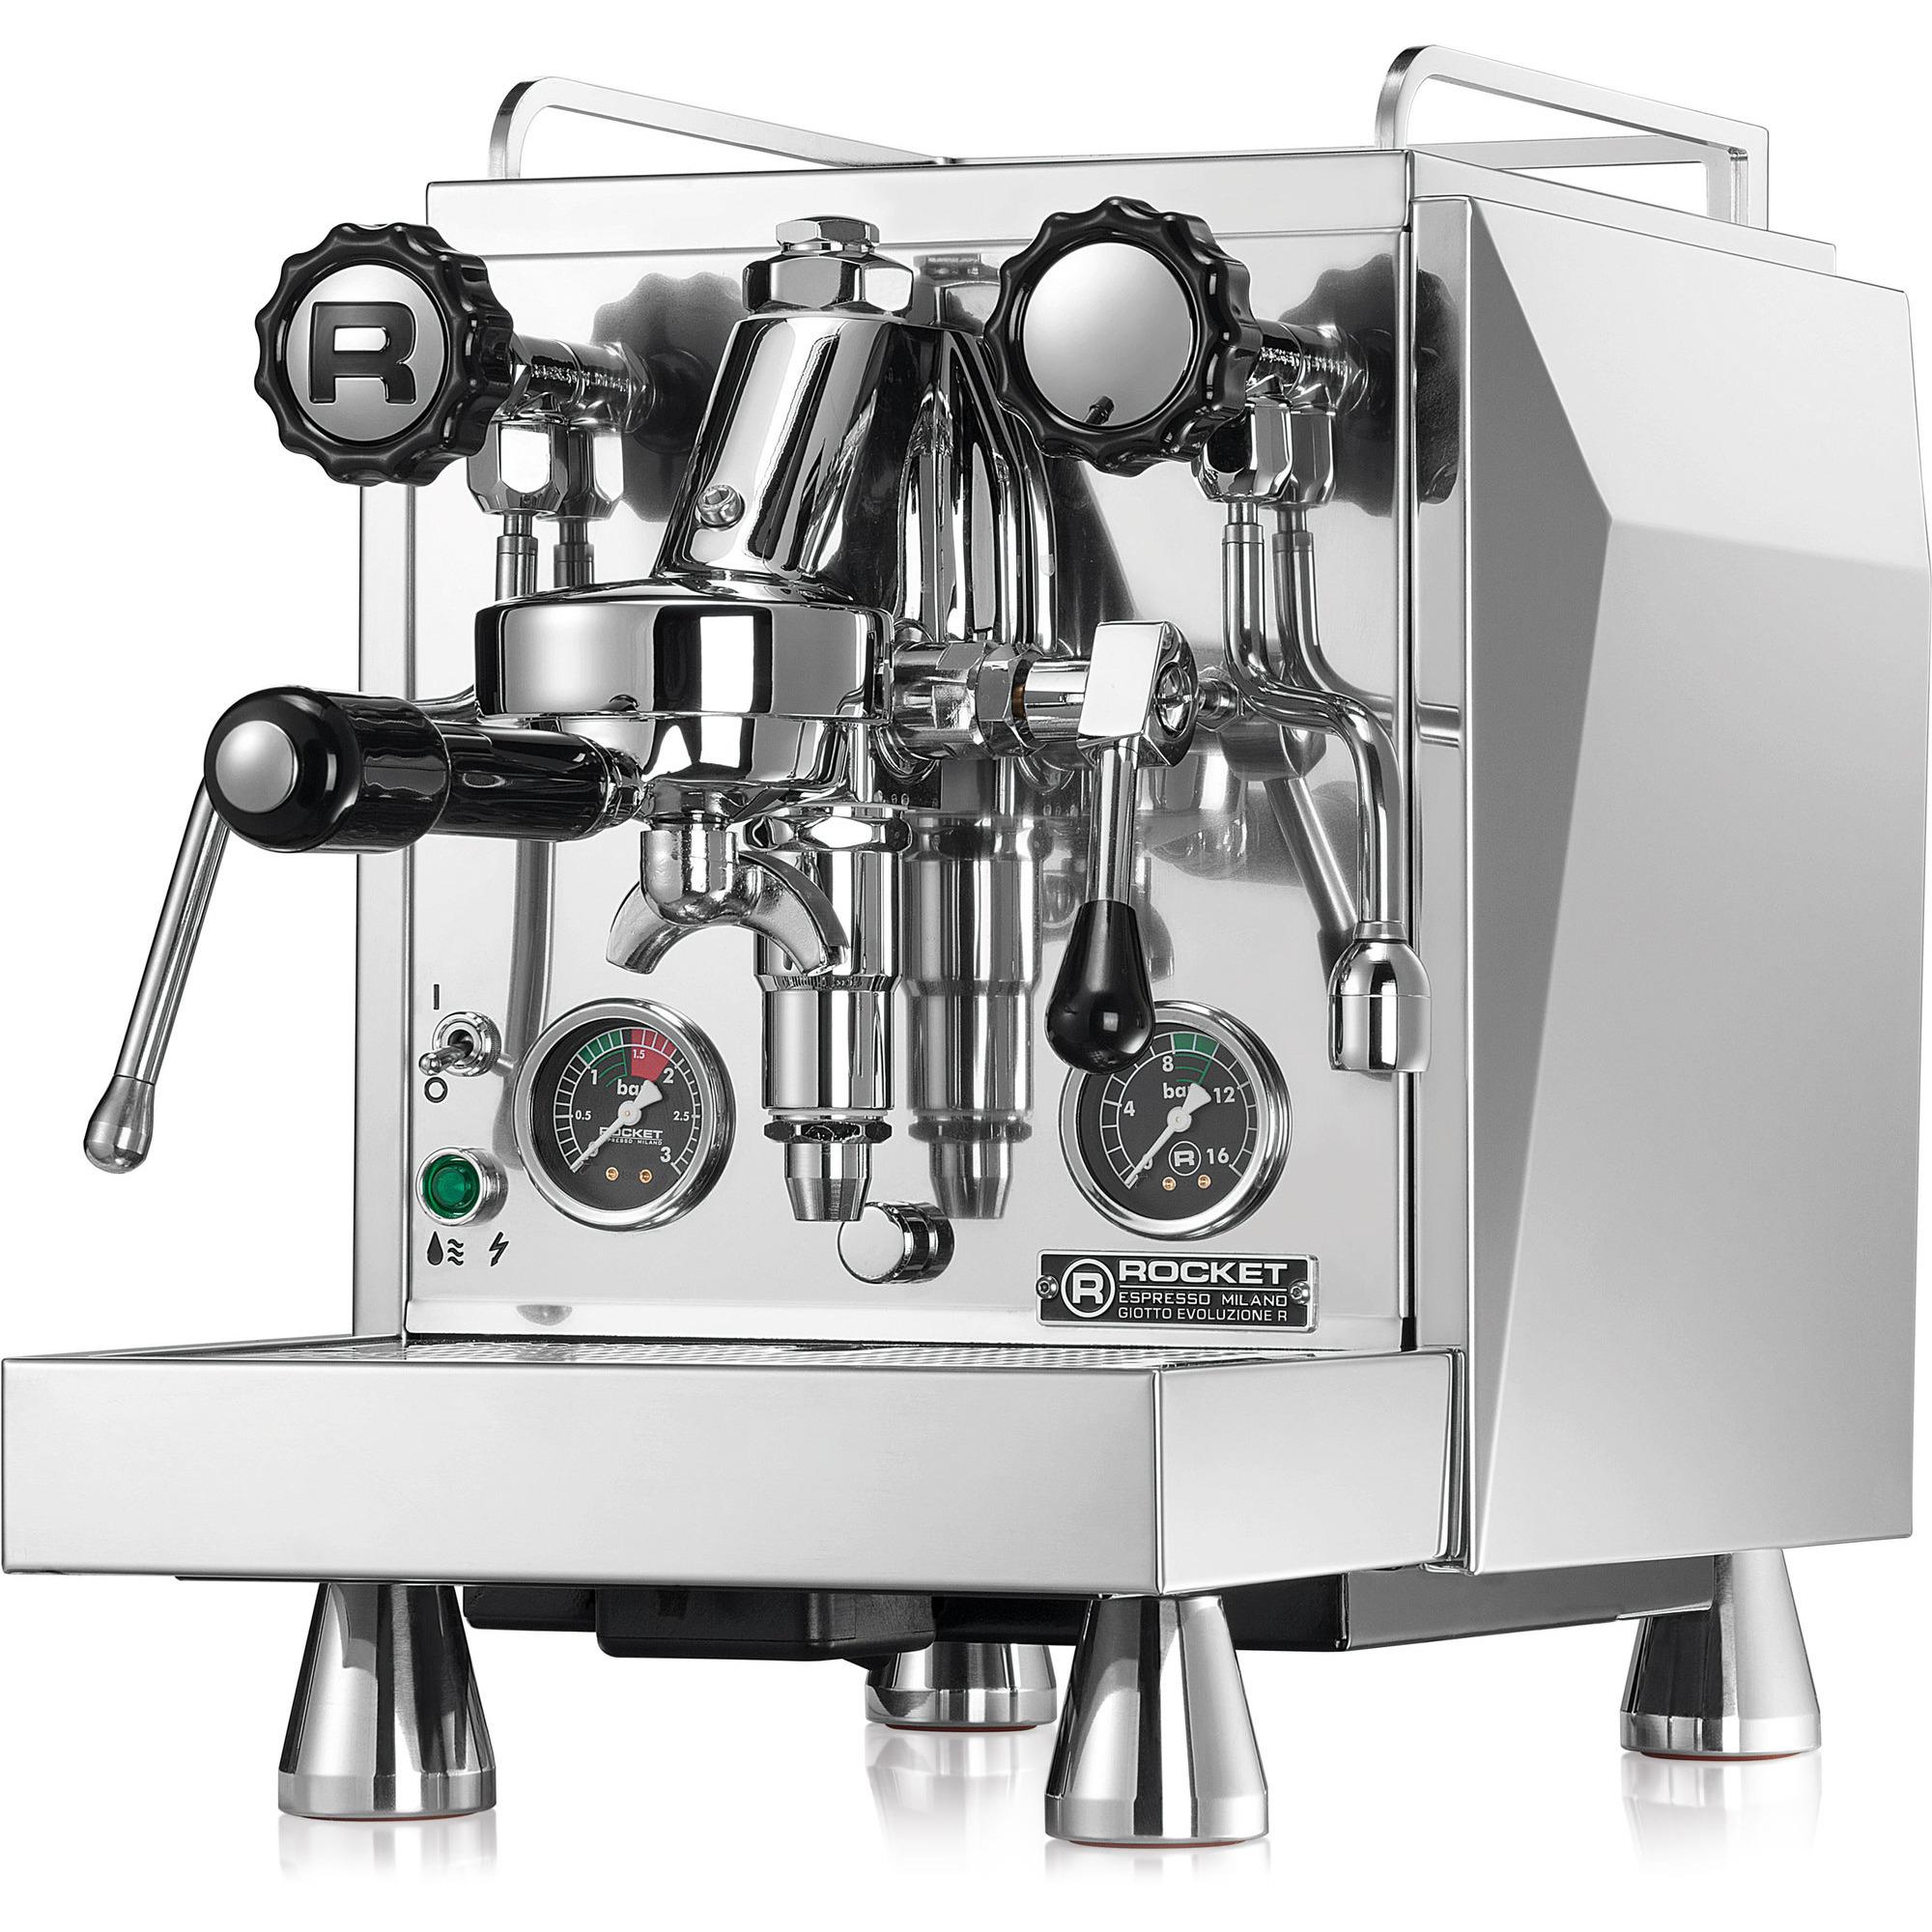 Rocket Giotto Espressomaskin Evoluzione R